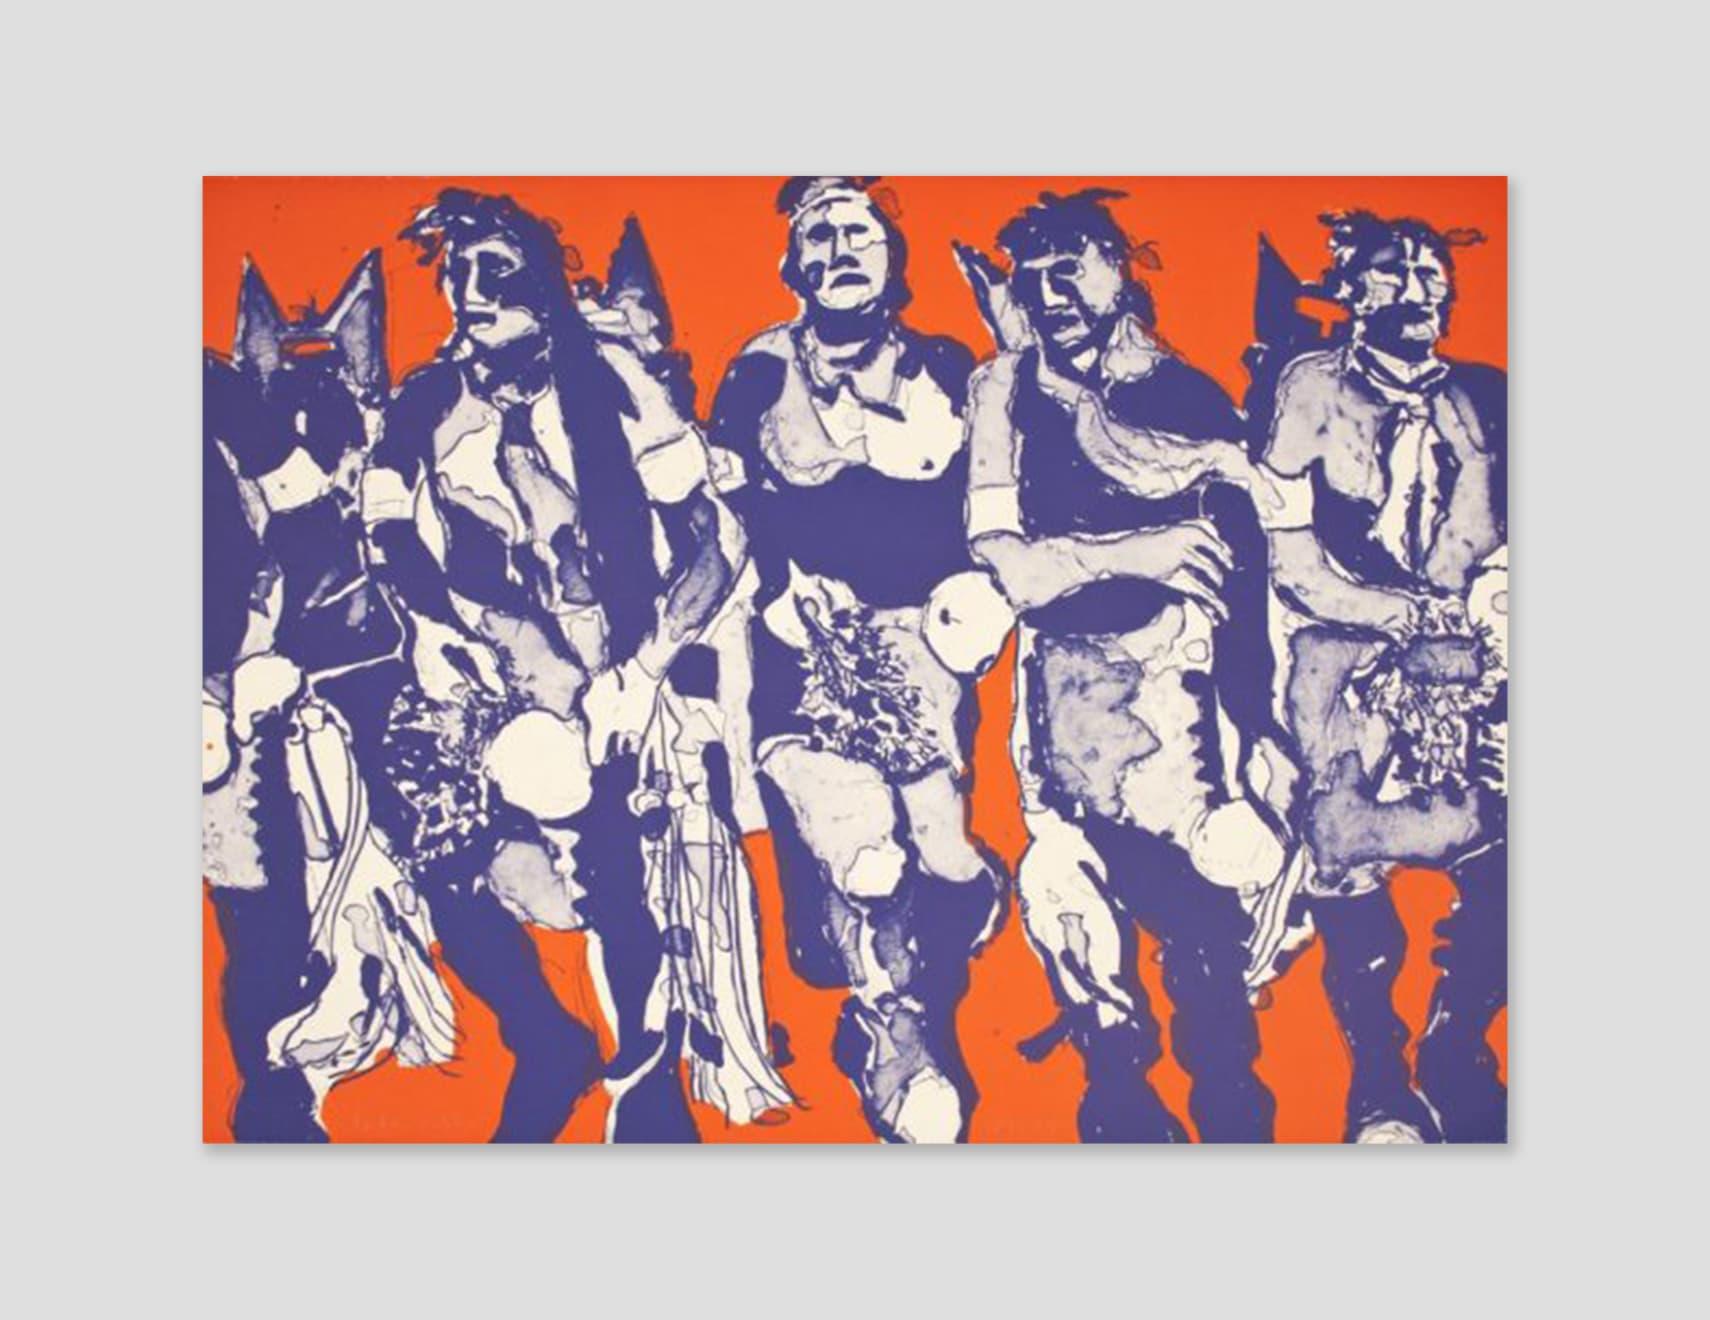 Fritz Scholder, Hopi Dancers (State I), 1974